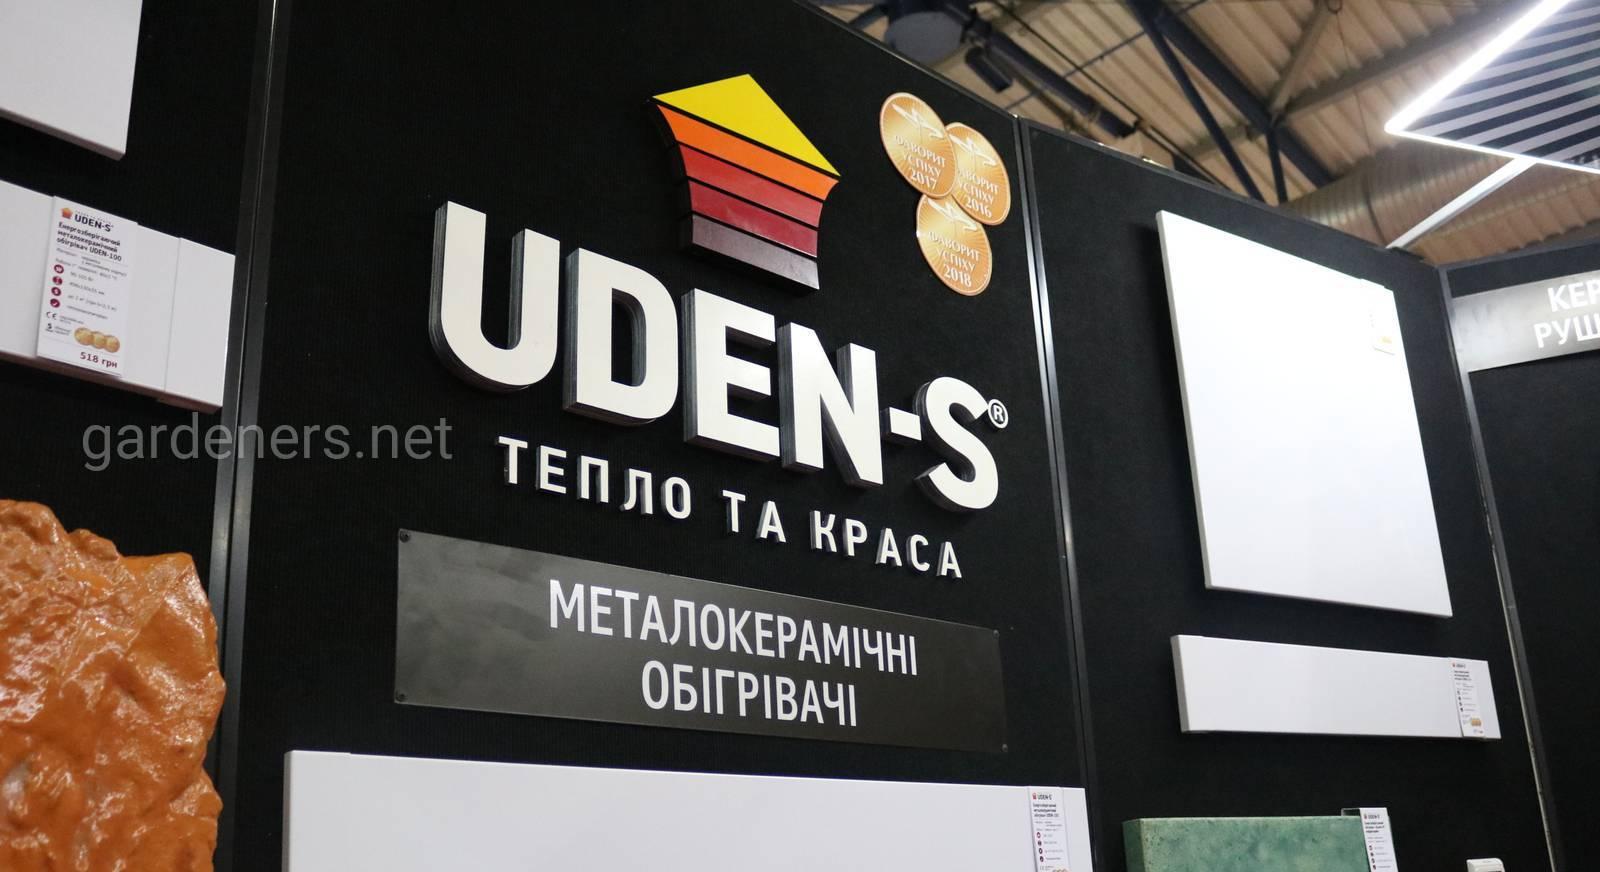 Обогреватели UDEN-S.JPG